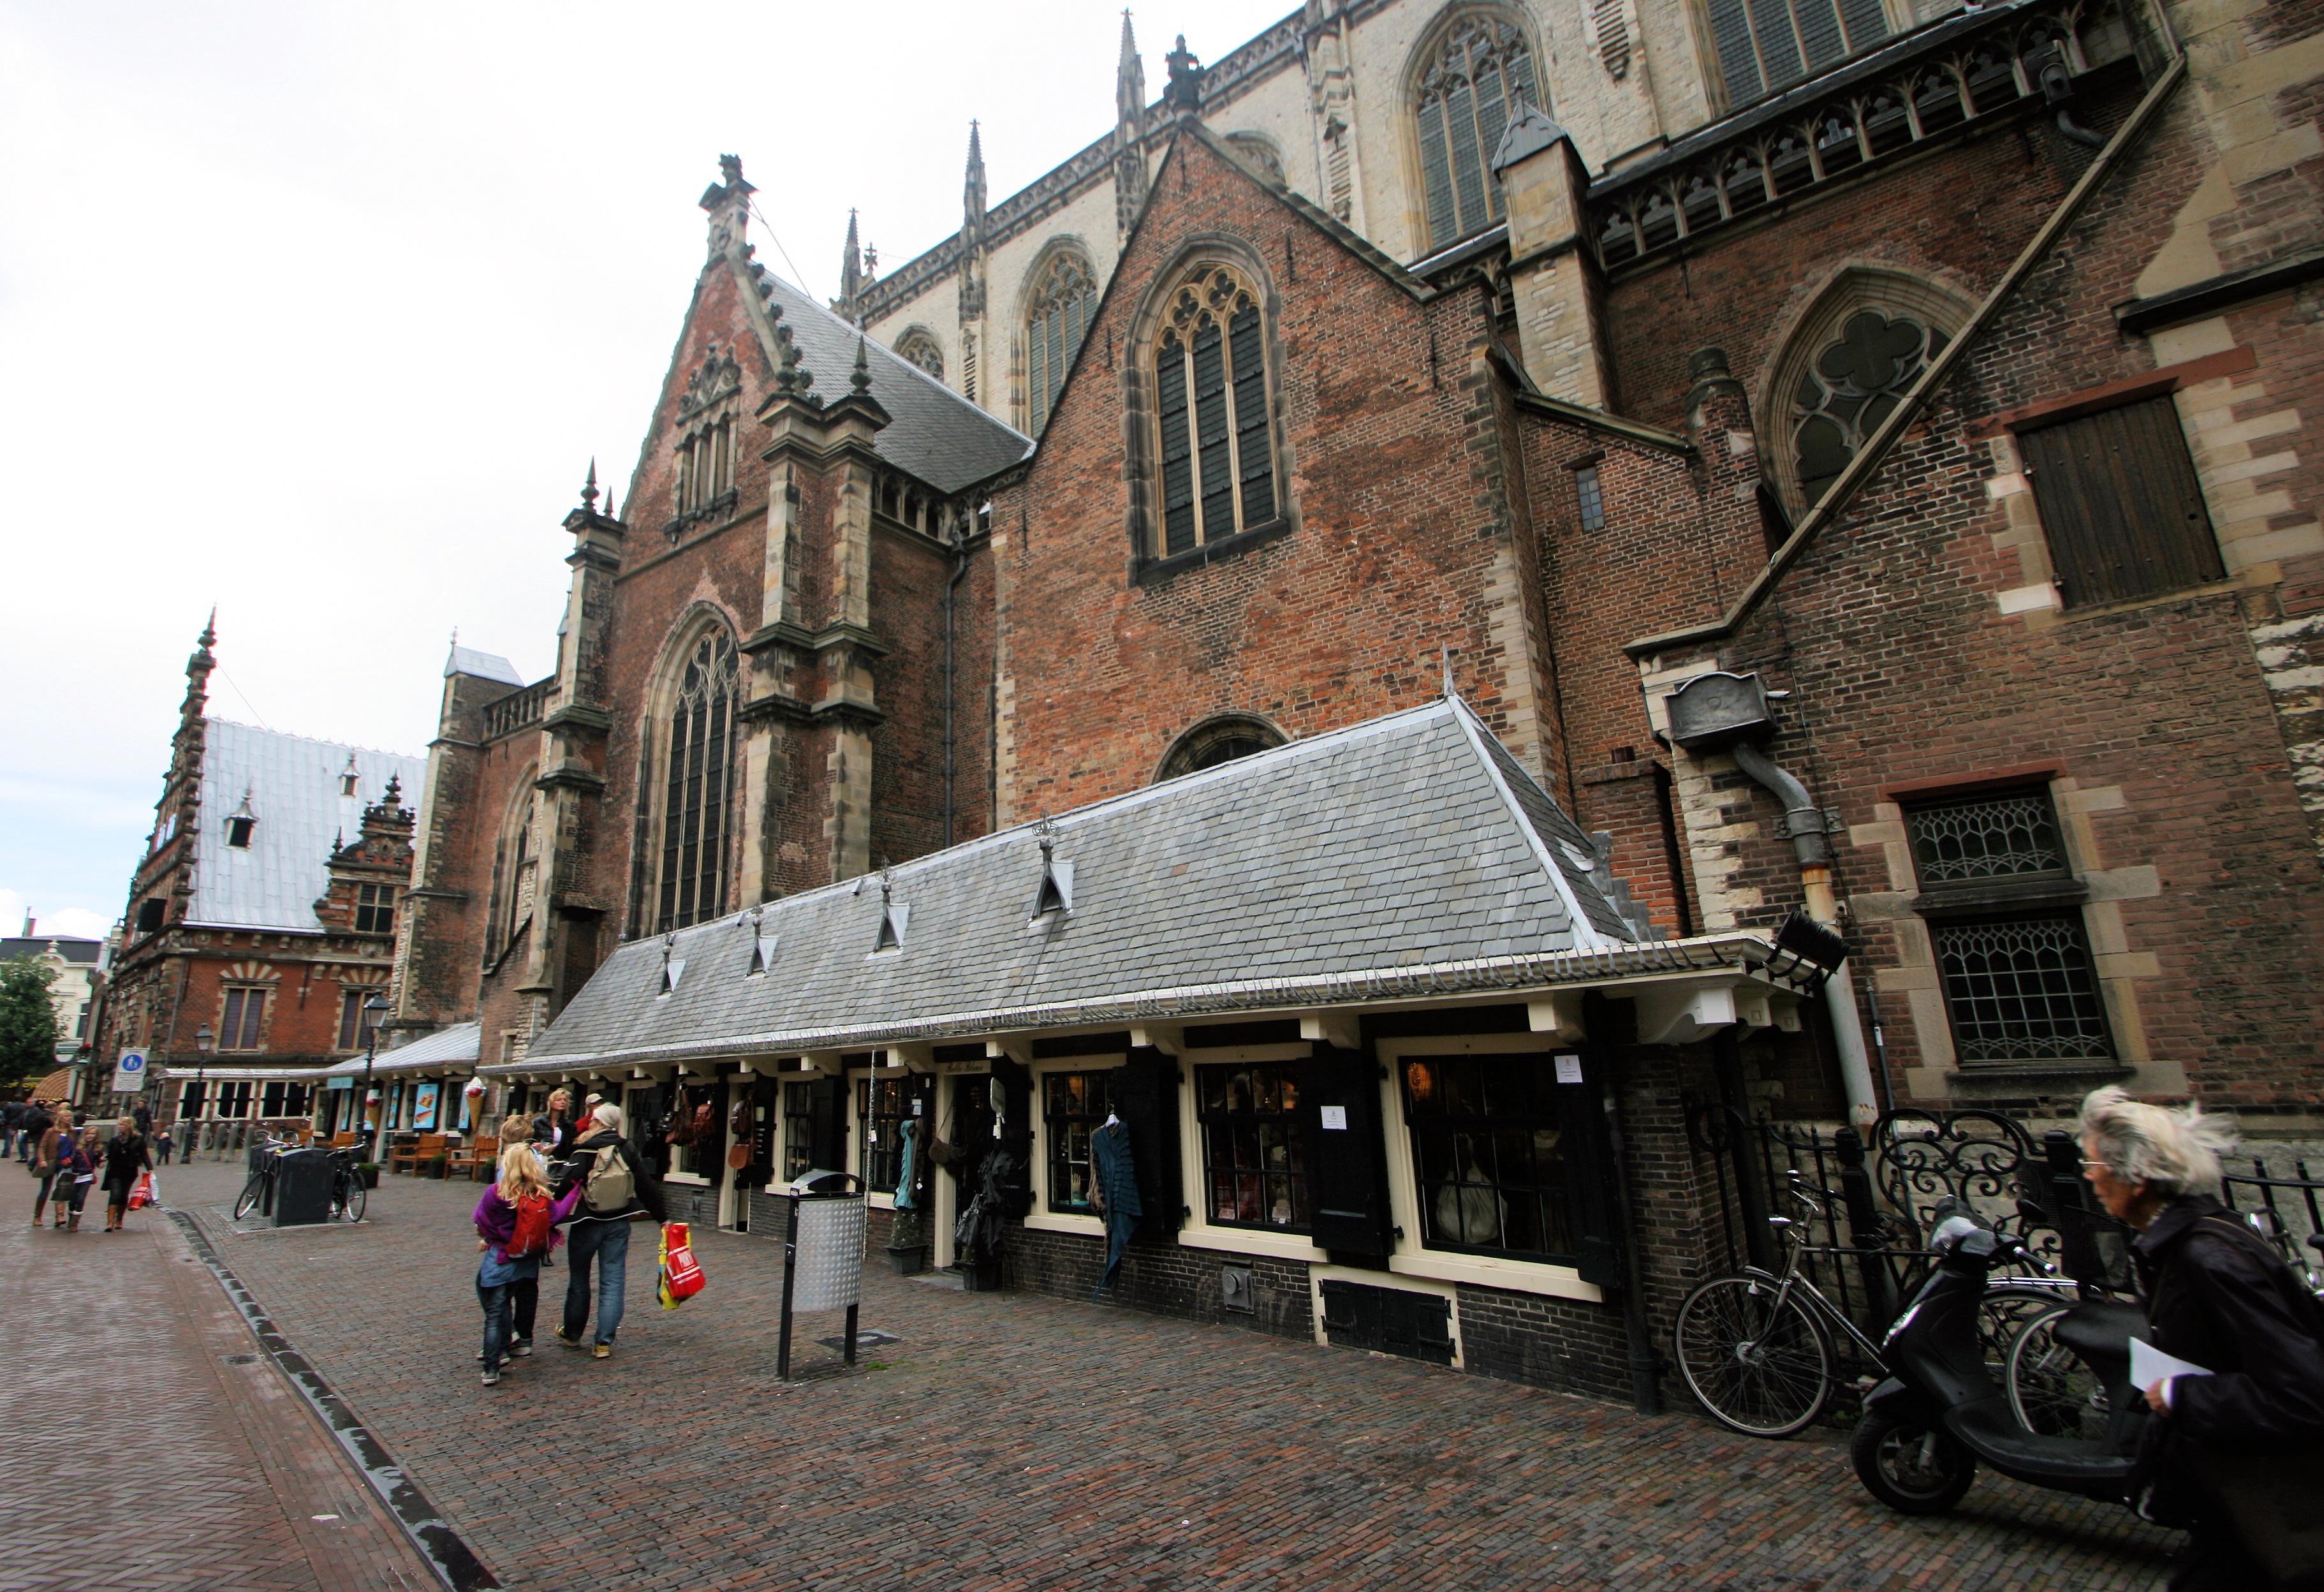 Ongekend Bestand:Wiki takes Haarlem - Oude Groenmarkt huisjes tegen kerk DV-53